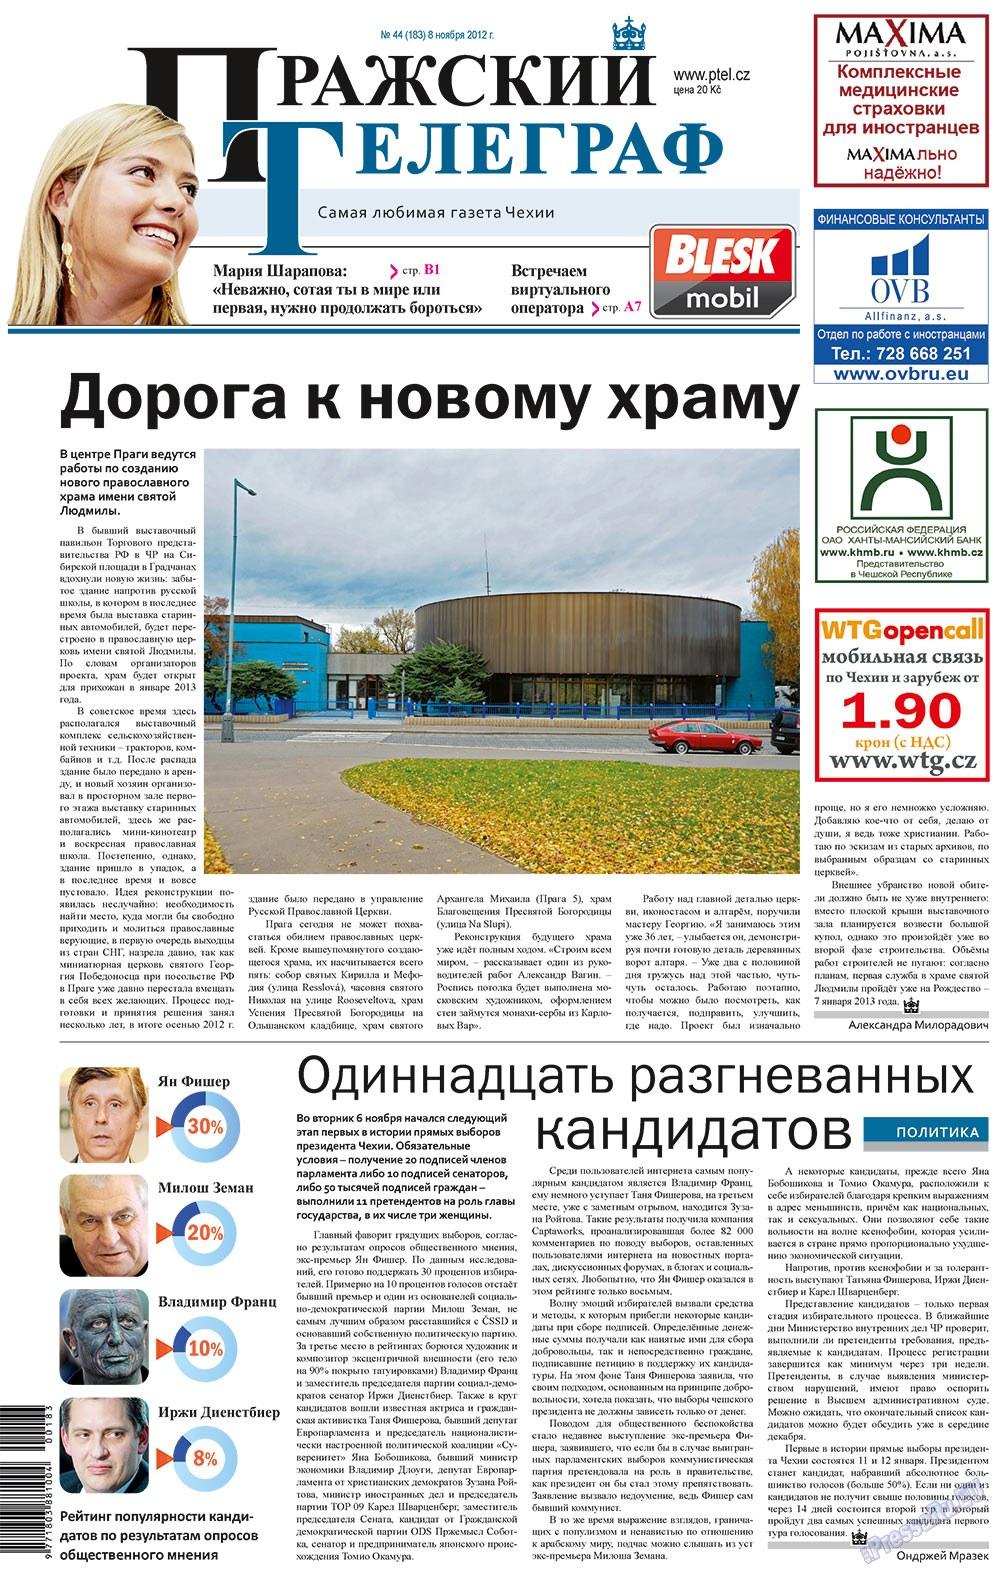 Пражский телеграф (газета). 2012 год, номер 44, стр. 1